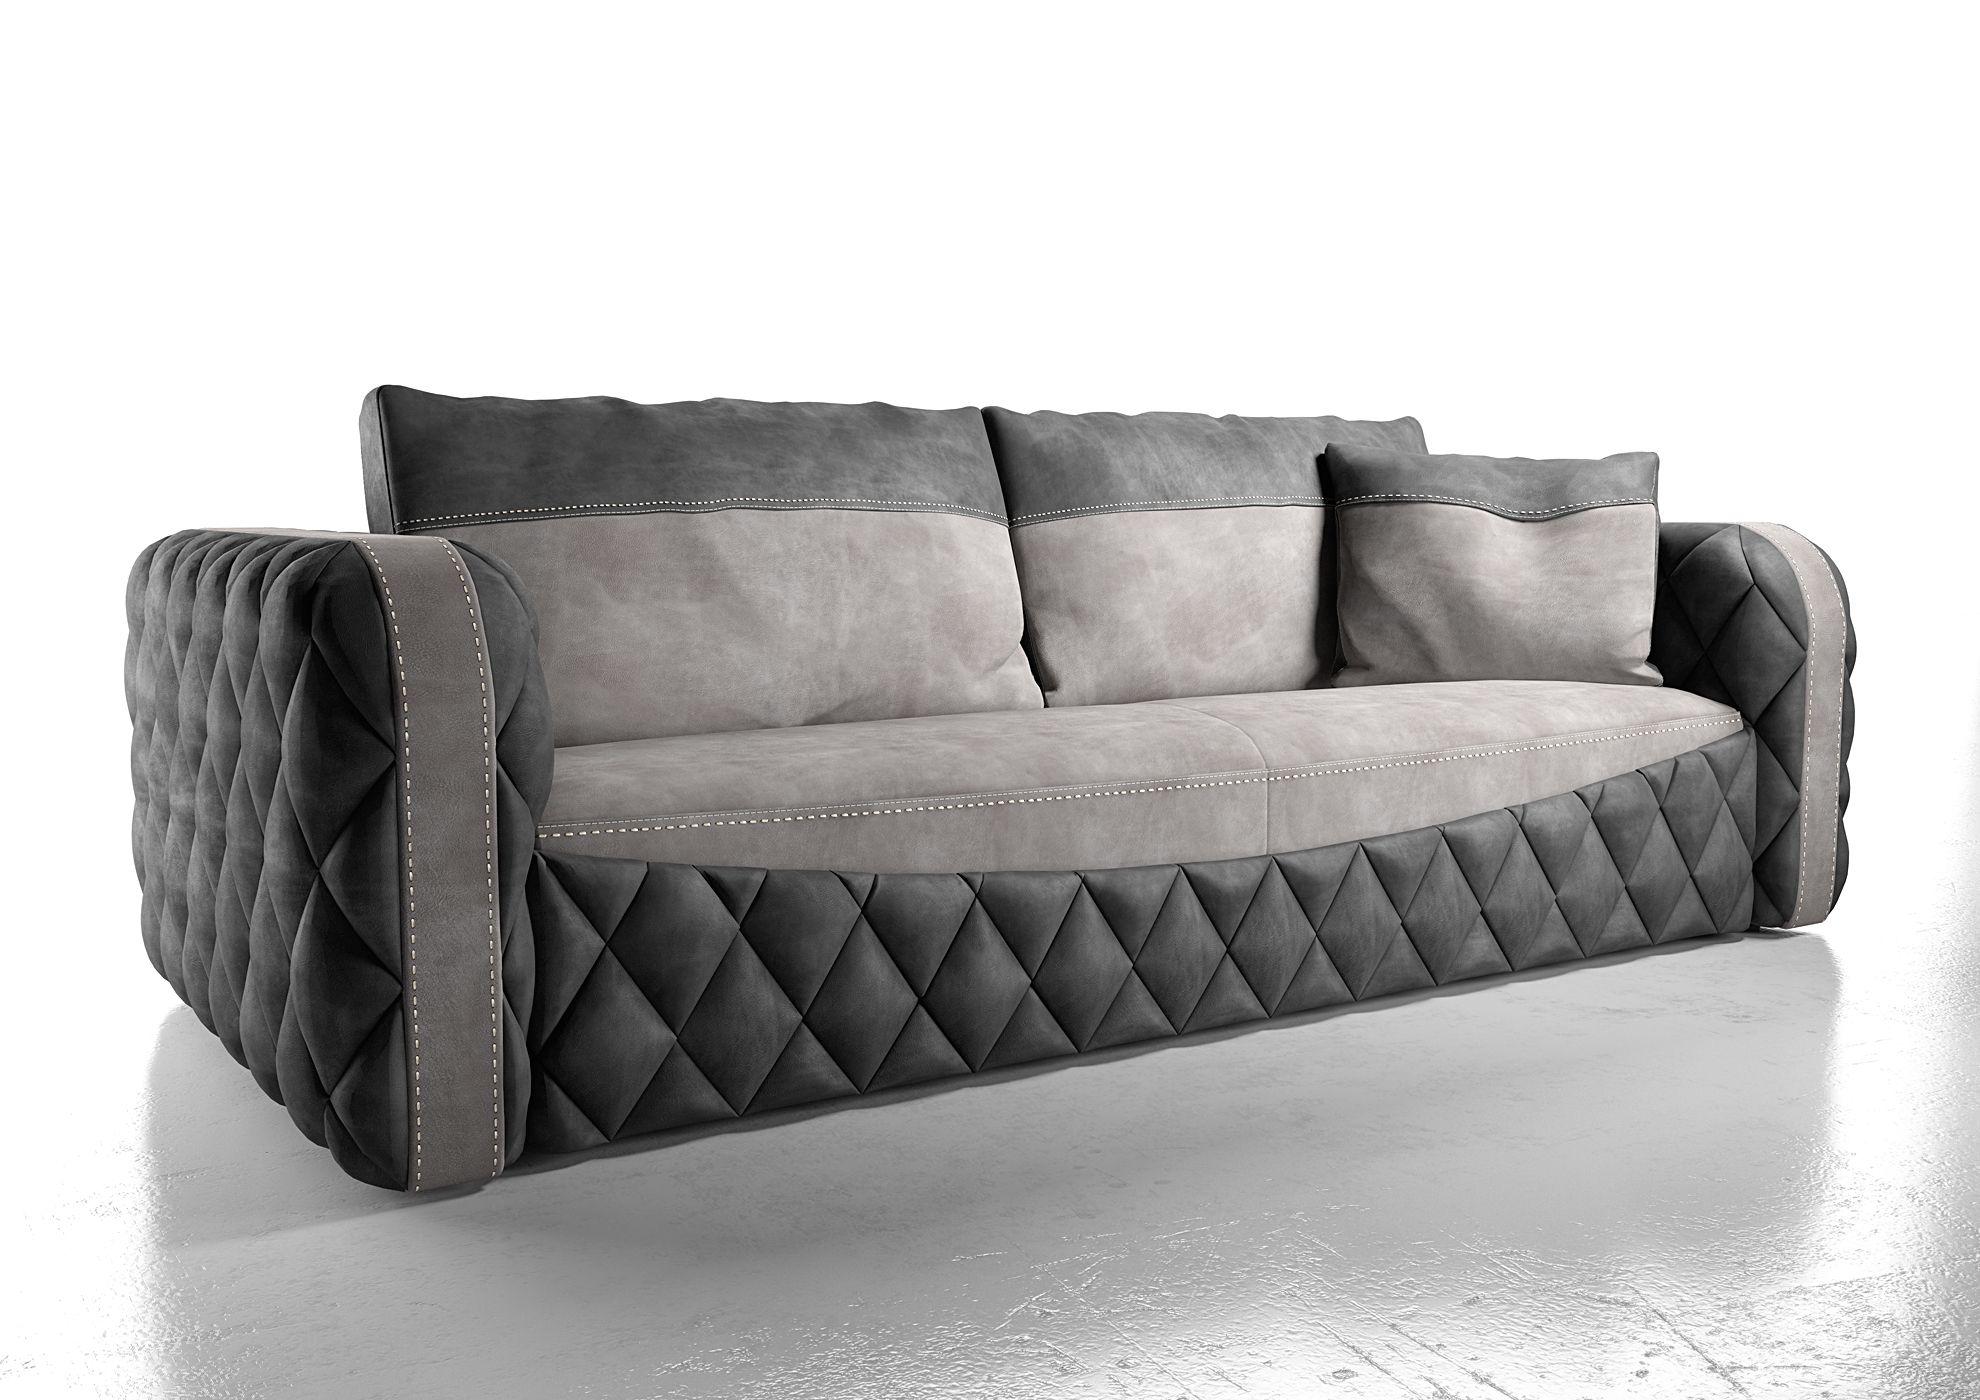 Modello 3d serie Glamour di Formenti divani.